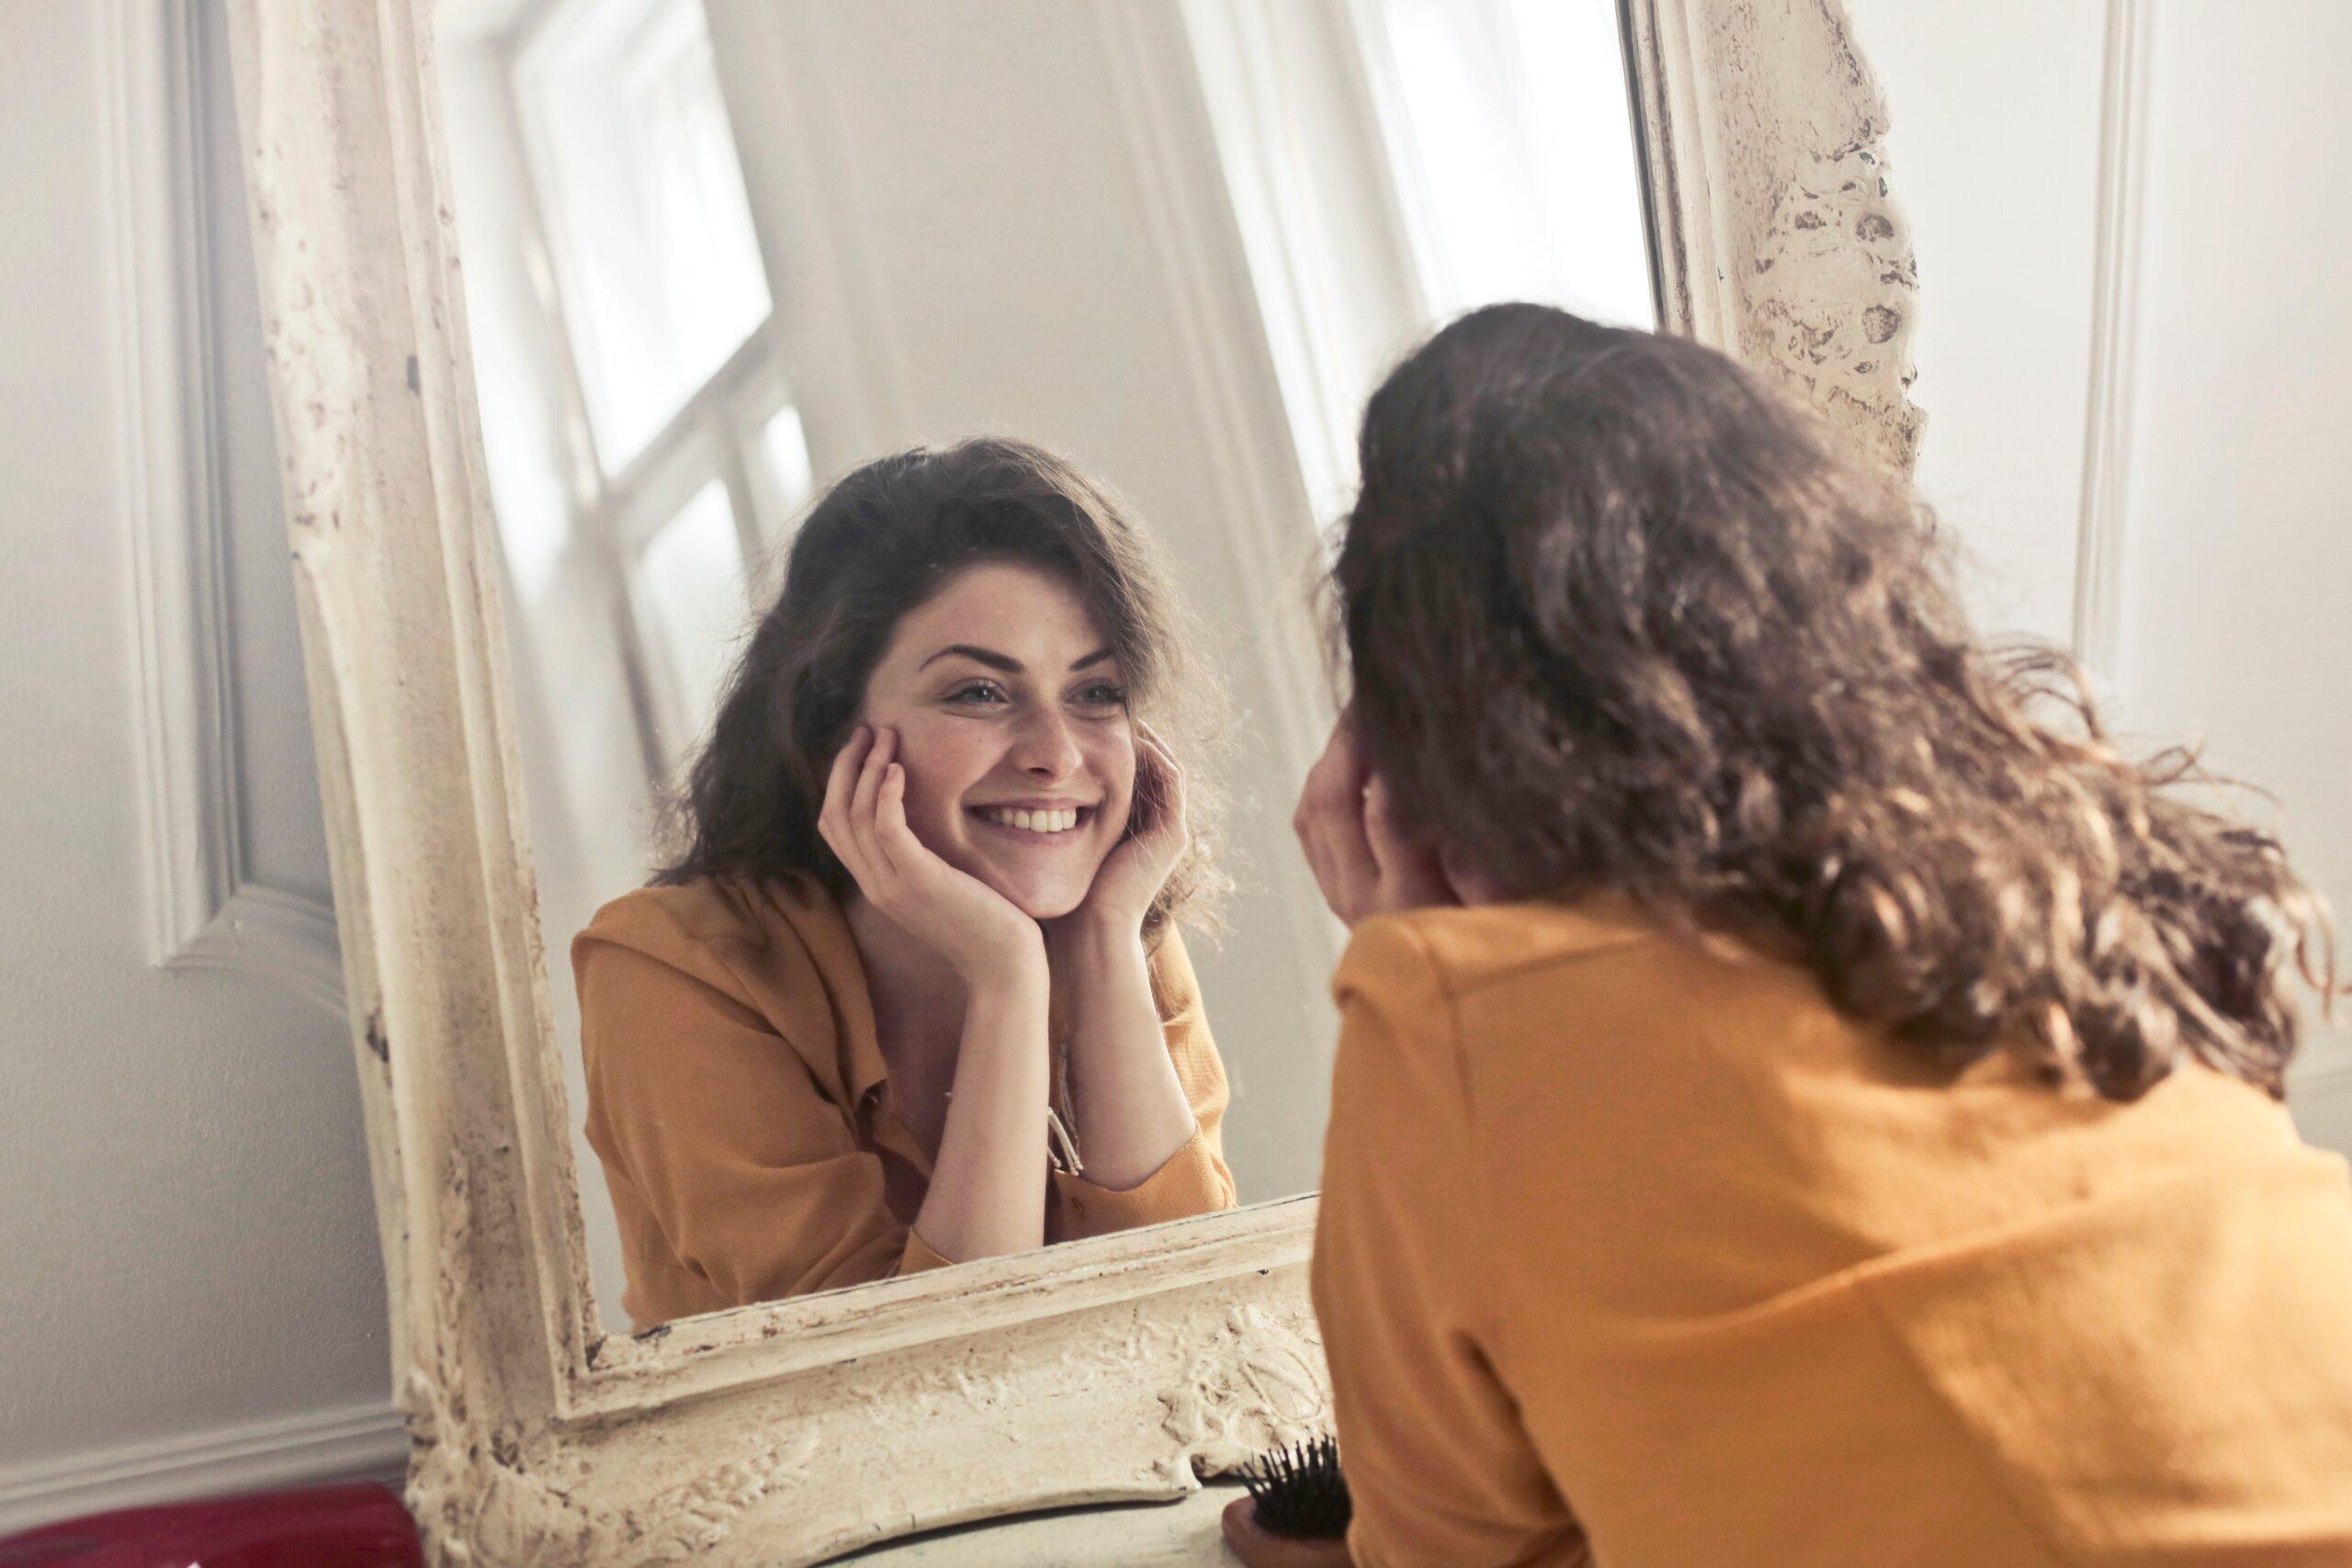 Fettverbrennung; Happy; Glücklich; Lachen; Spiegel; Spiegelbild; Frau